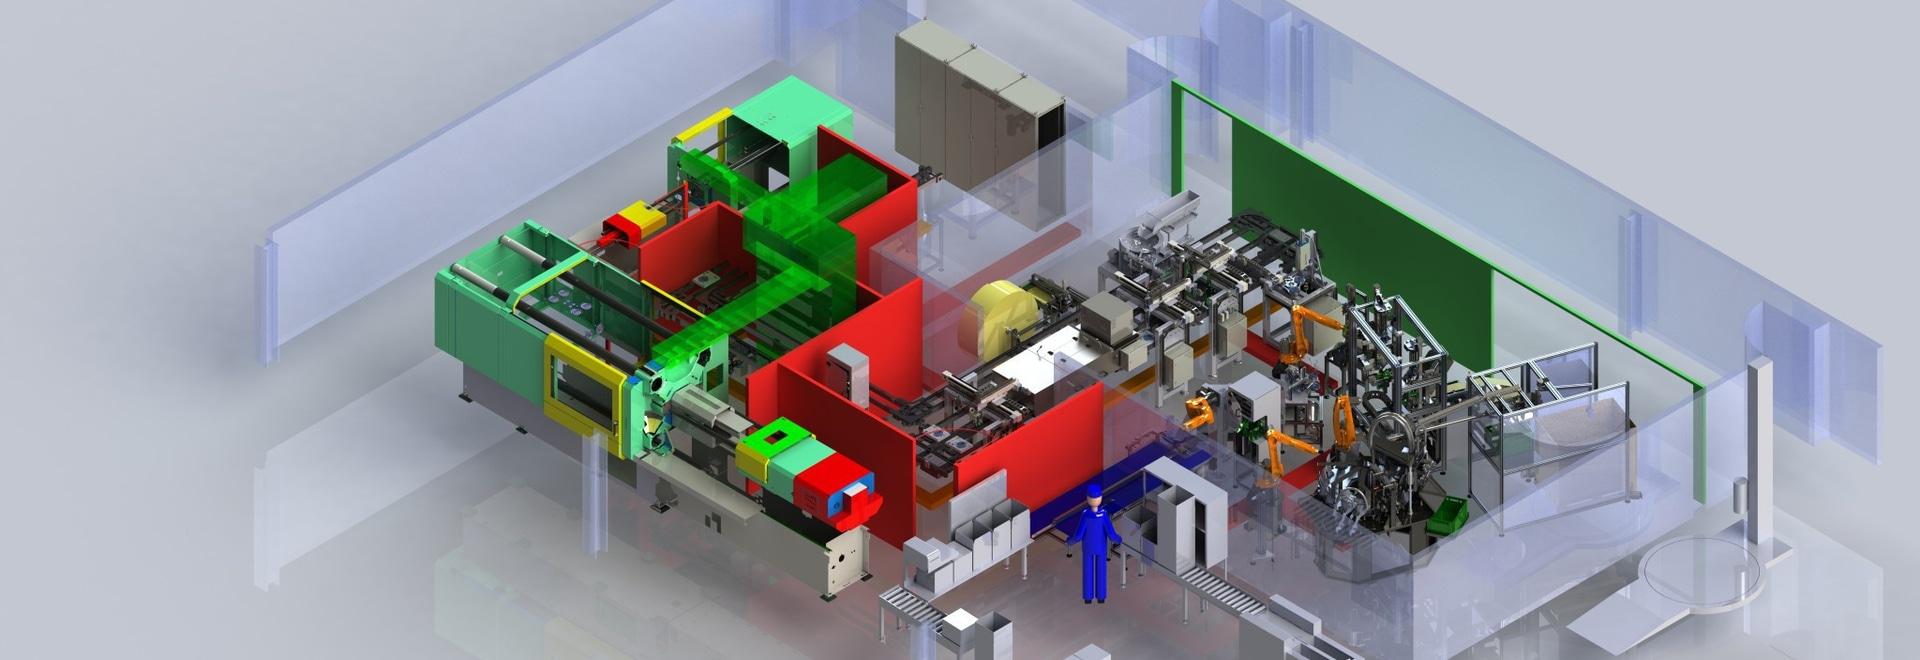 robomotion si affida all'esperienza di MISUMI nei componenti per ottimizzare i processi di produzione